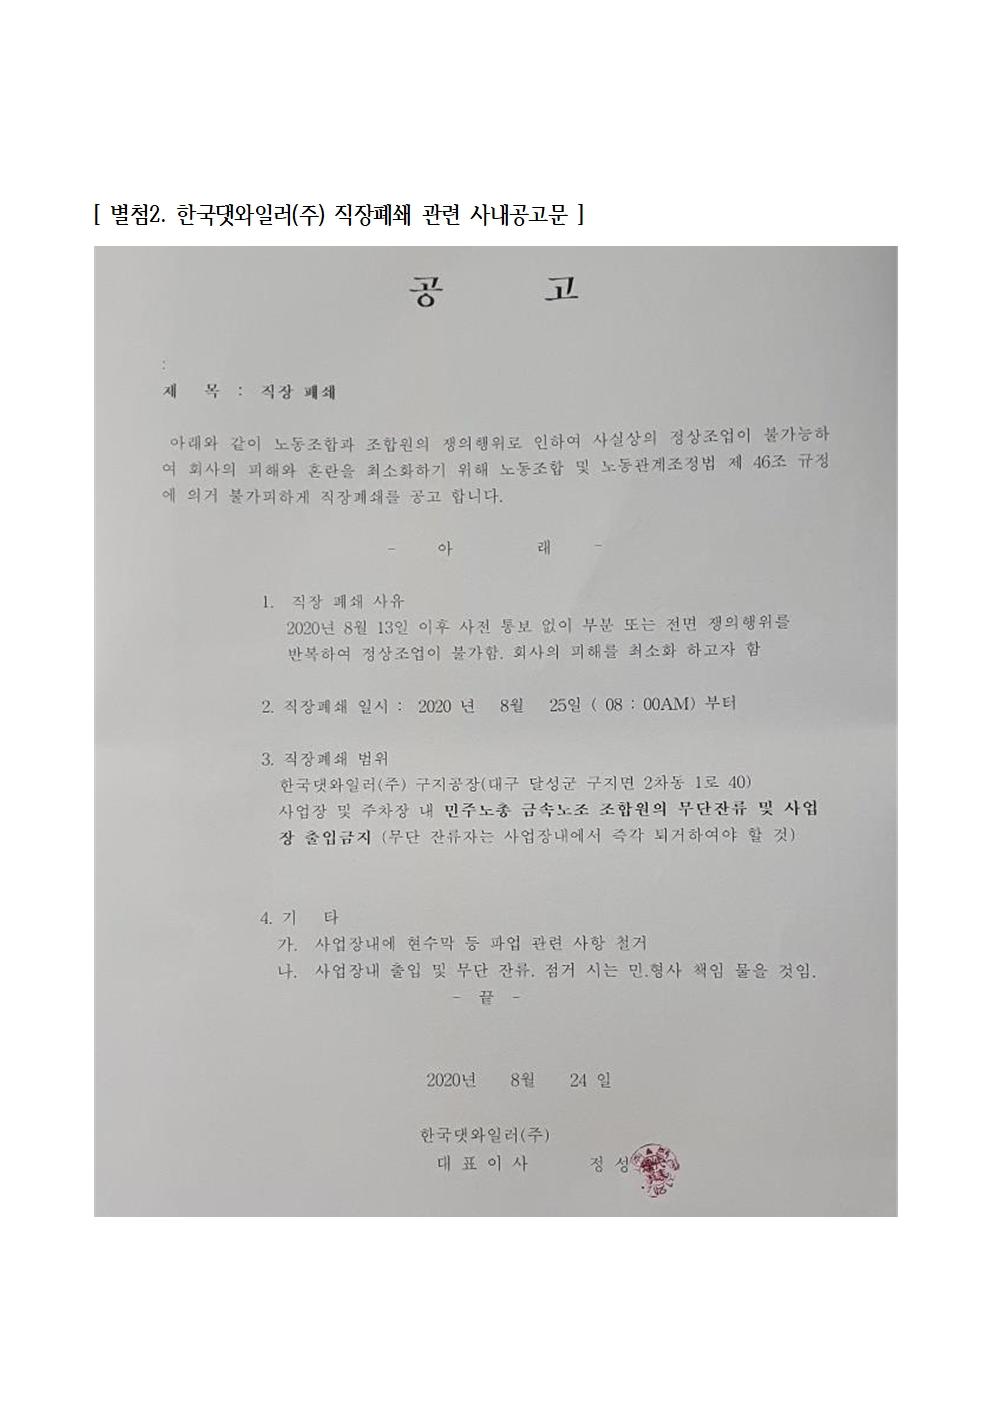 200904-노조탄압한국댓와일러처벌촉구금속대구지부기자회견005.jpg